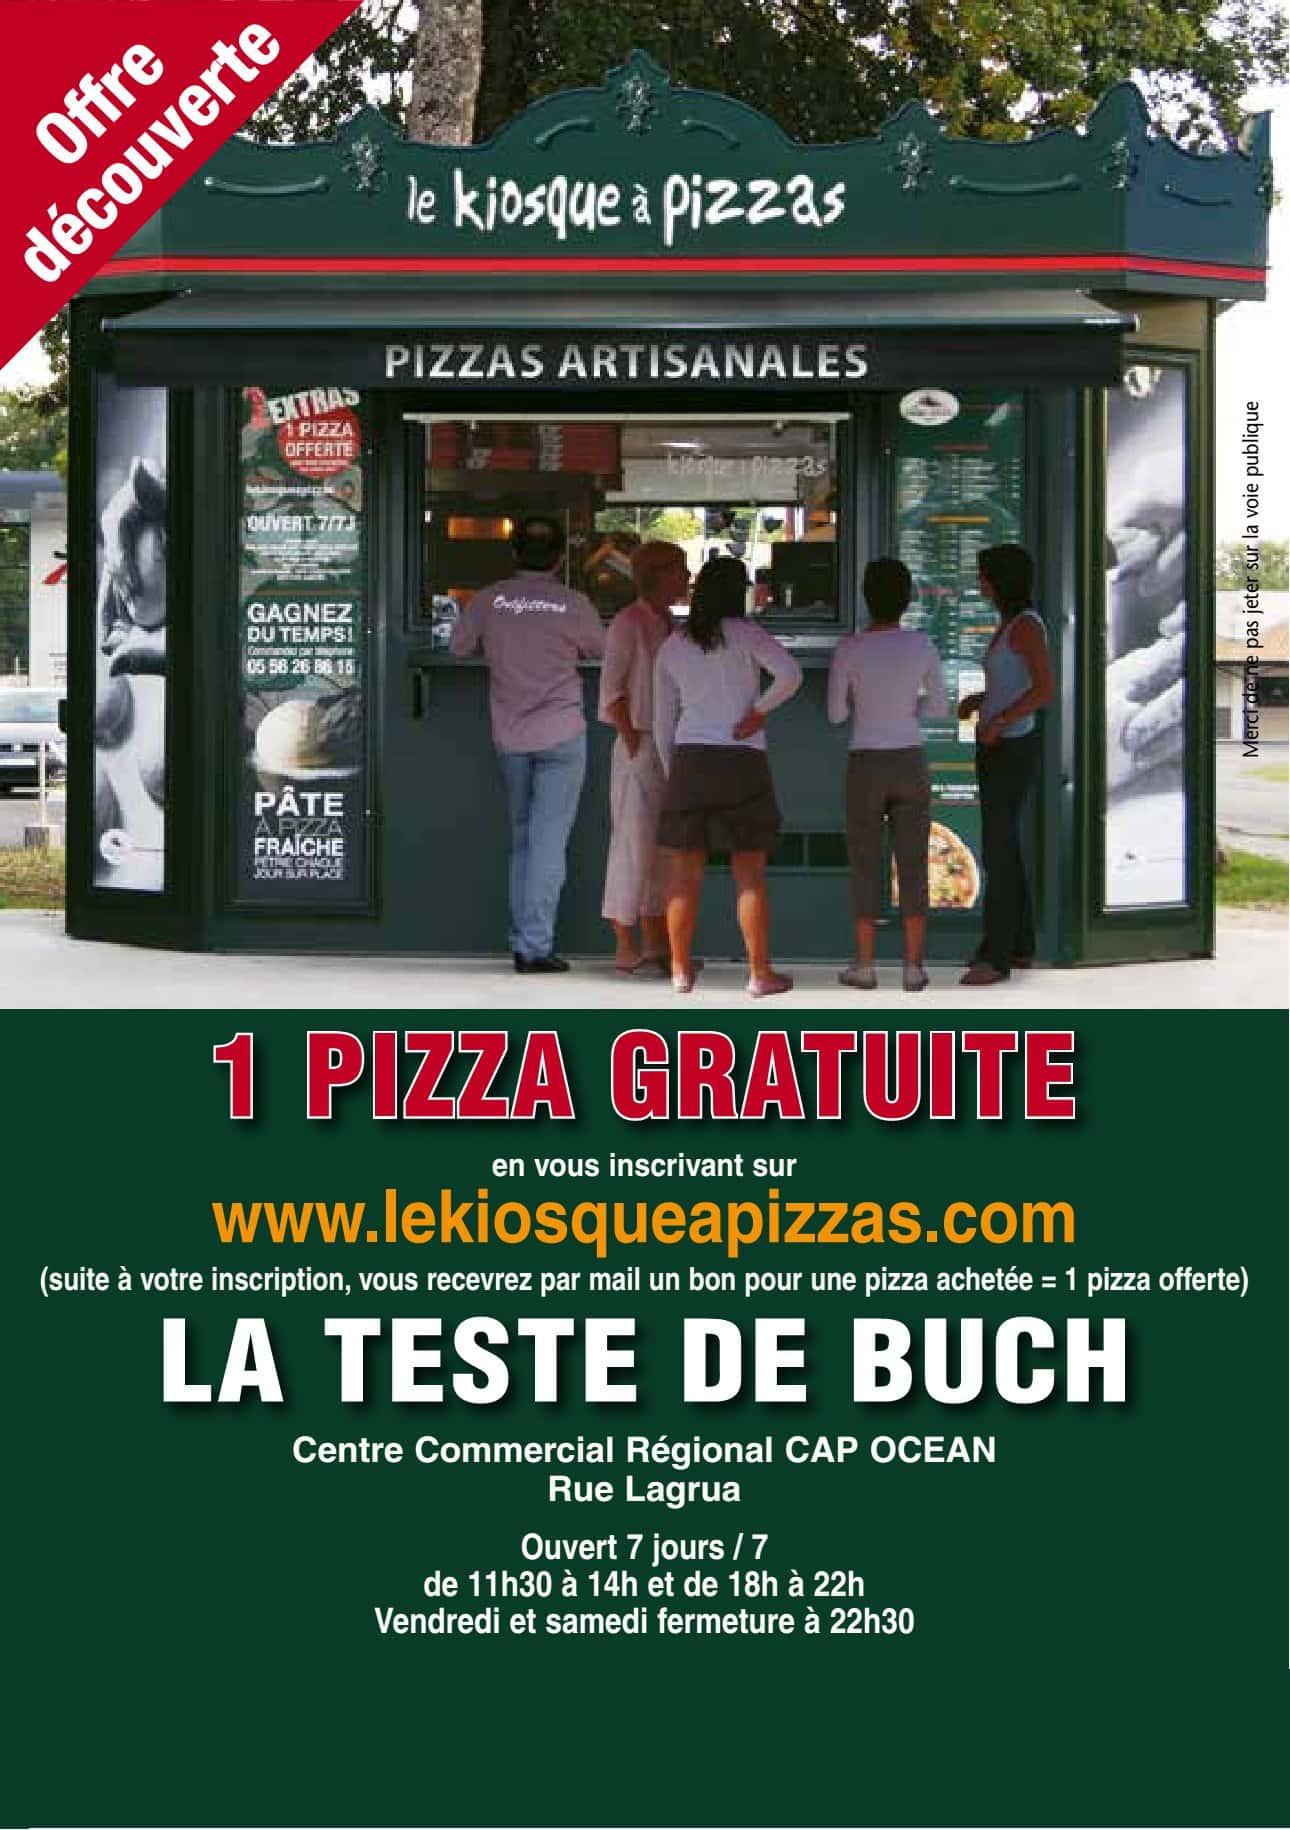 Carte Kiosque A Pizza.Le Kiosque A Pizzas A La Teste De Buch Carte Menu Et Photos